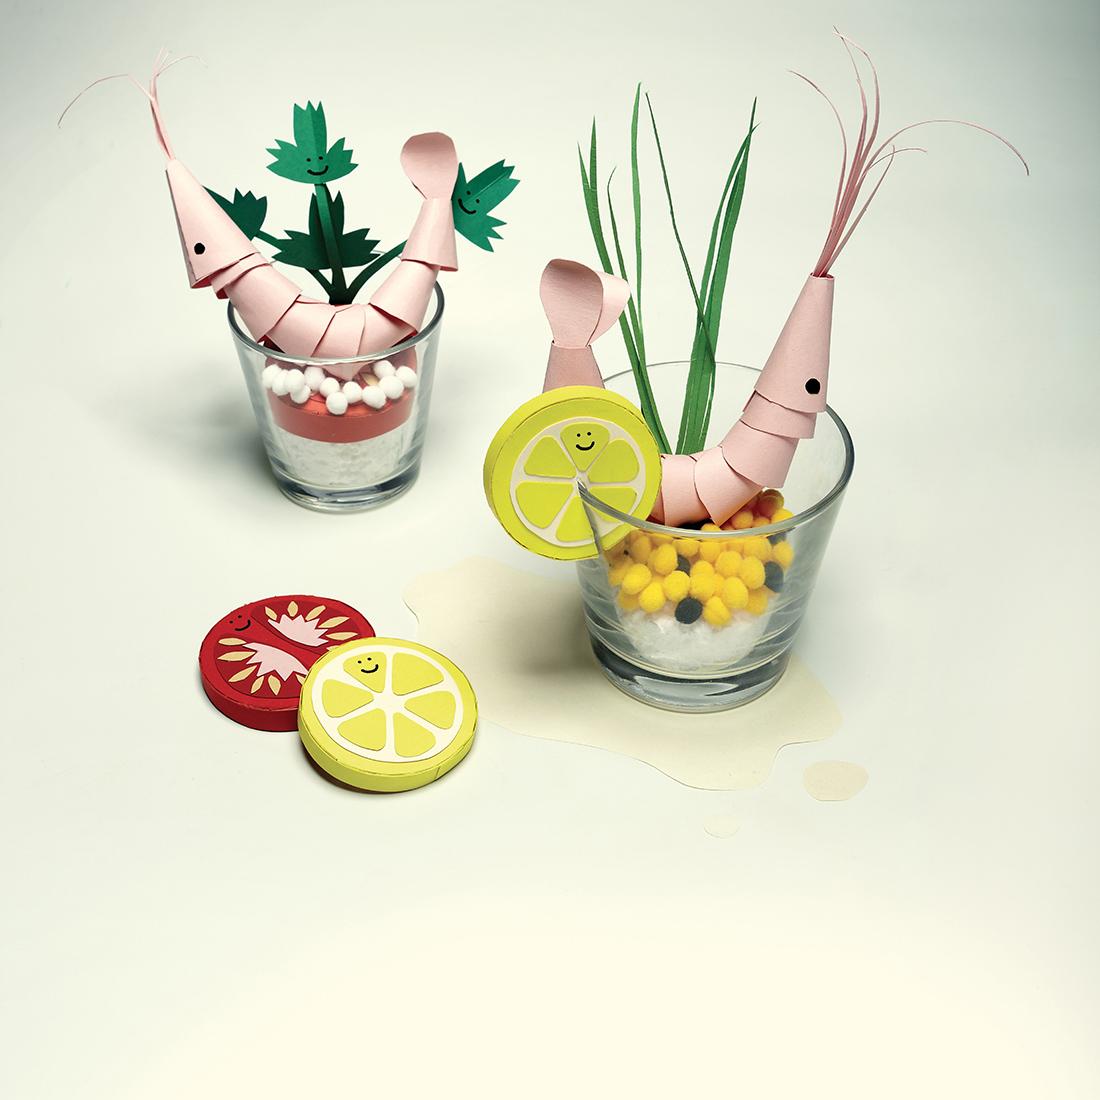 полиграфия для кафе и ресторанов, дизайнер, полиграфическое производство, офсет, цифровая печать, вырубка